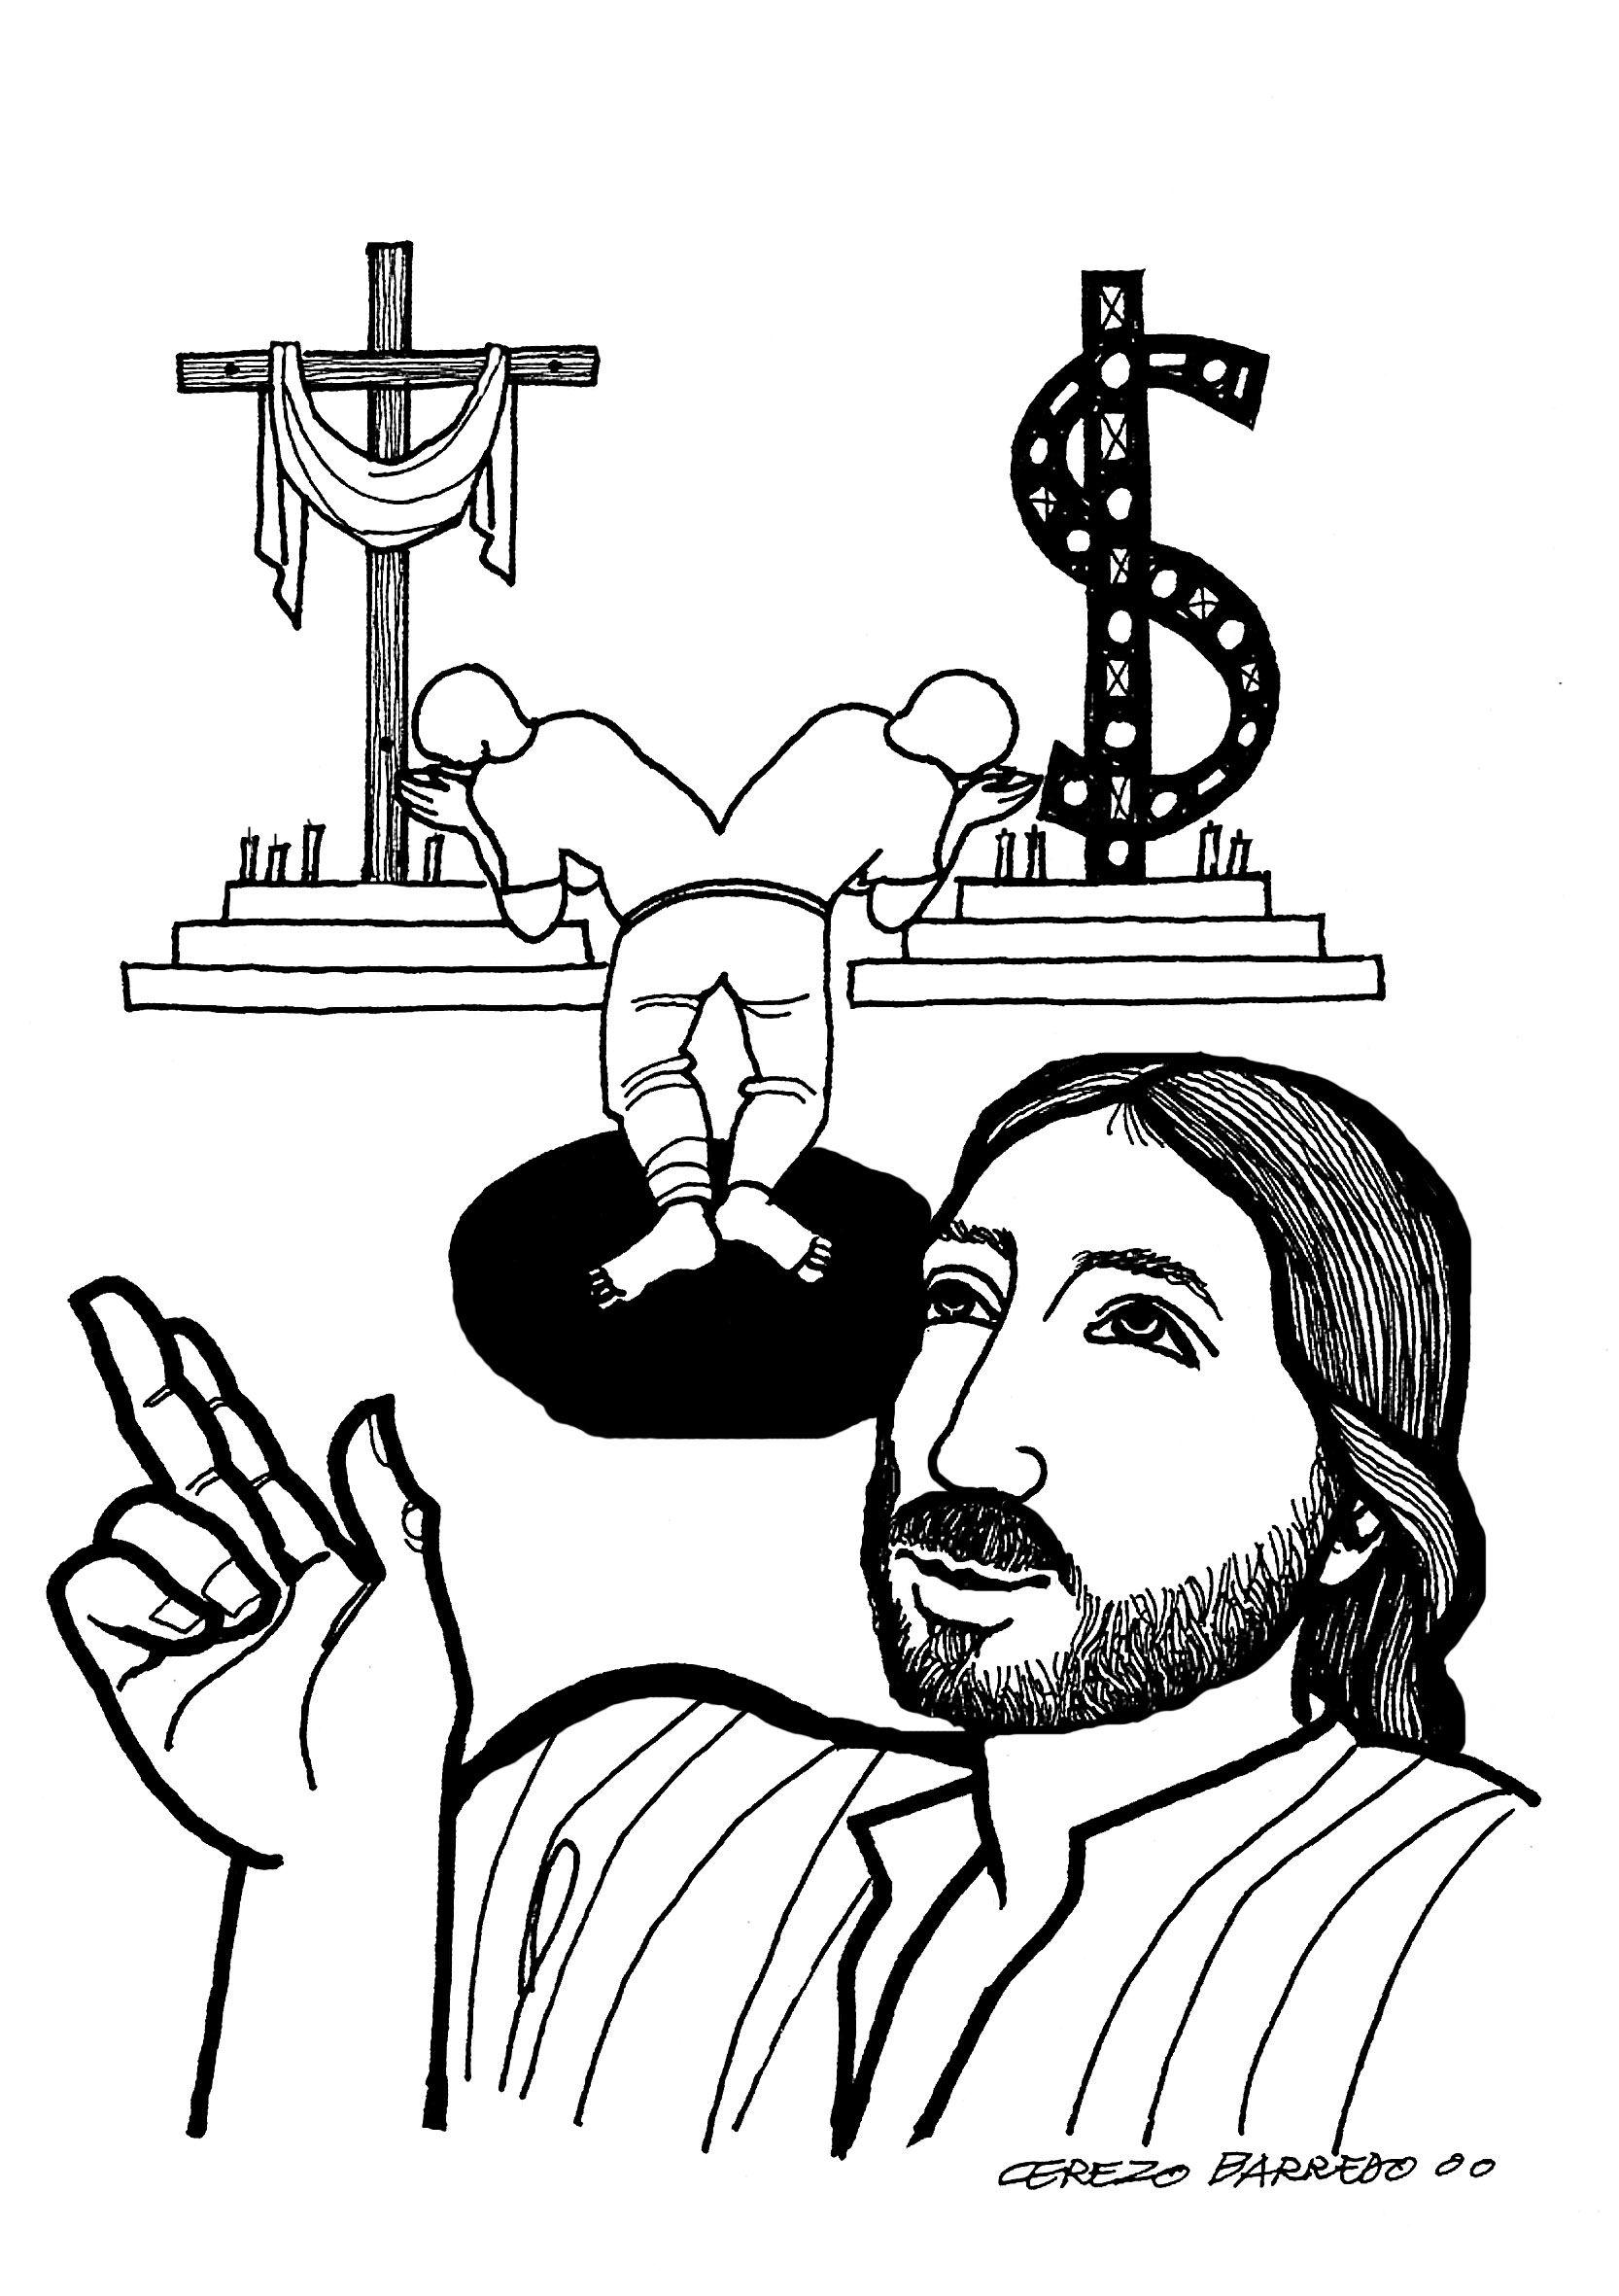 Evangelio Según San Lucas 16 1 13 Del Domingo 18 De Septiembre De 2016 Evangelio Del Dia Evangelio Ninos De Dios